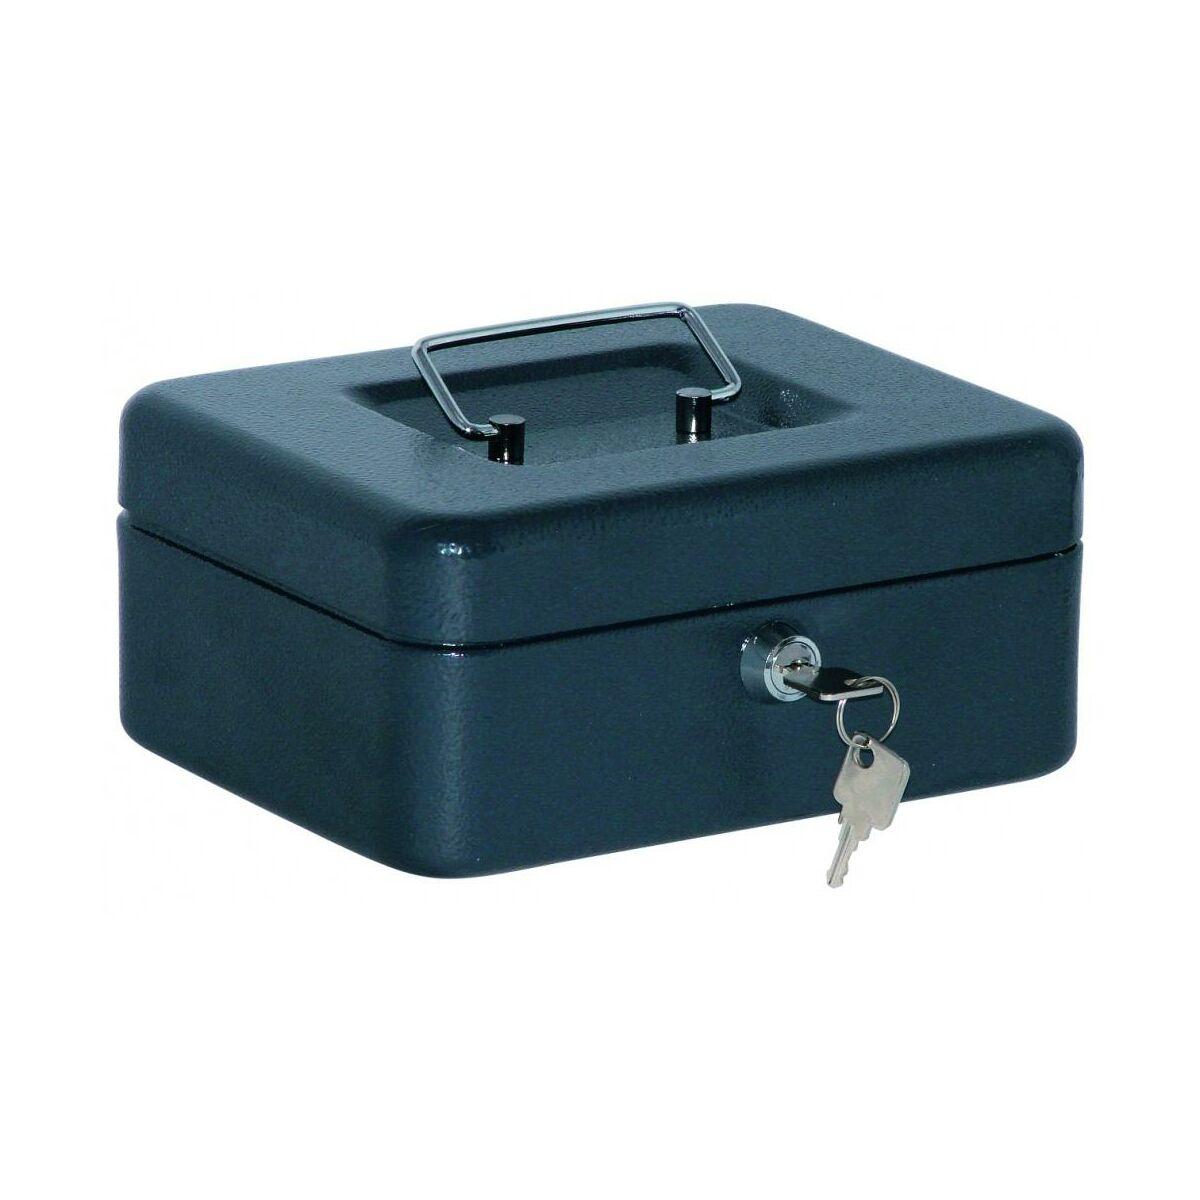 kasetka bs b1 bayersystem kasetki na pieni dze w. Black Bedroom Furniture Sets. Home Design Ideas